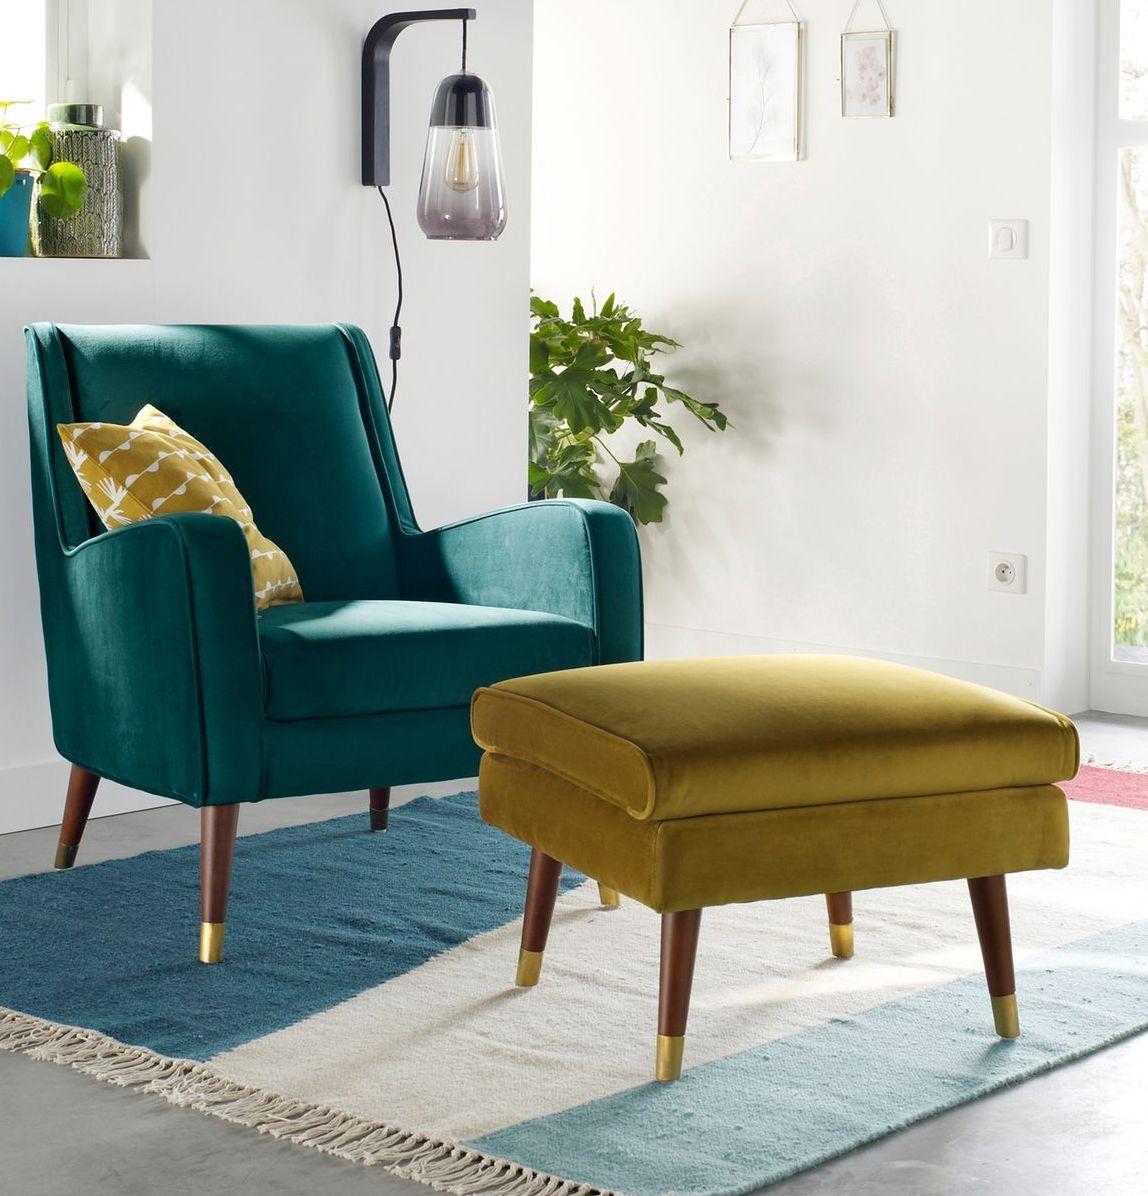 déco été vintage brazil petit salon fauteuil bleu pouf jaune moutarde velours style sobre élégant